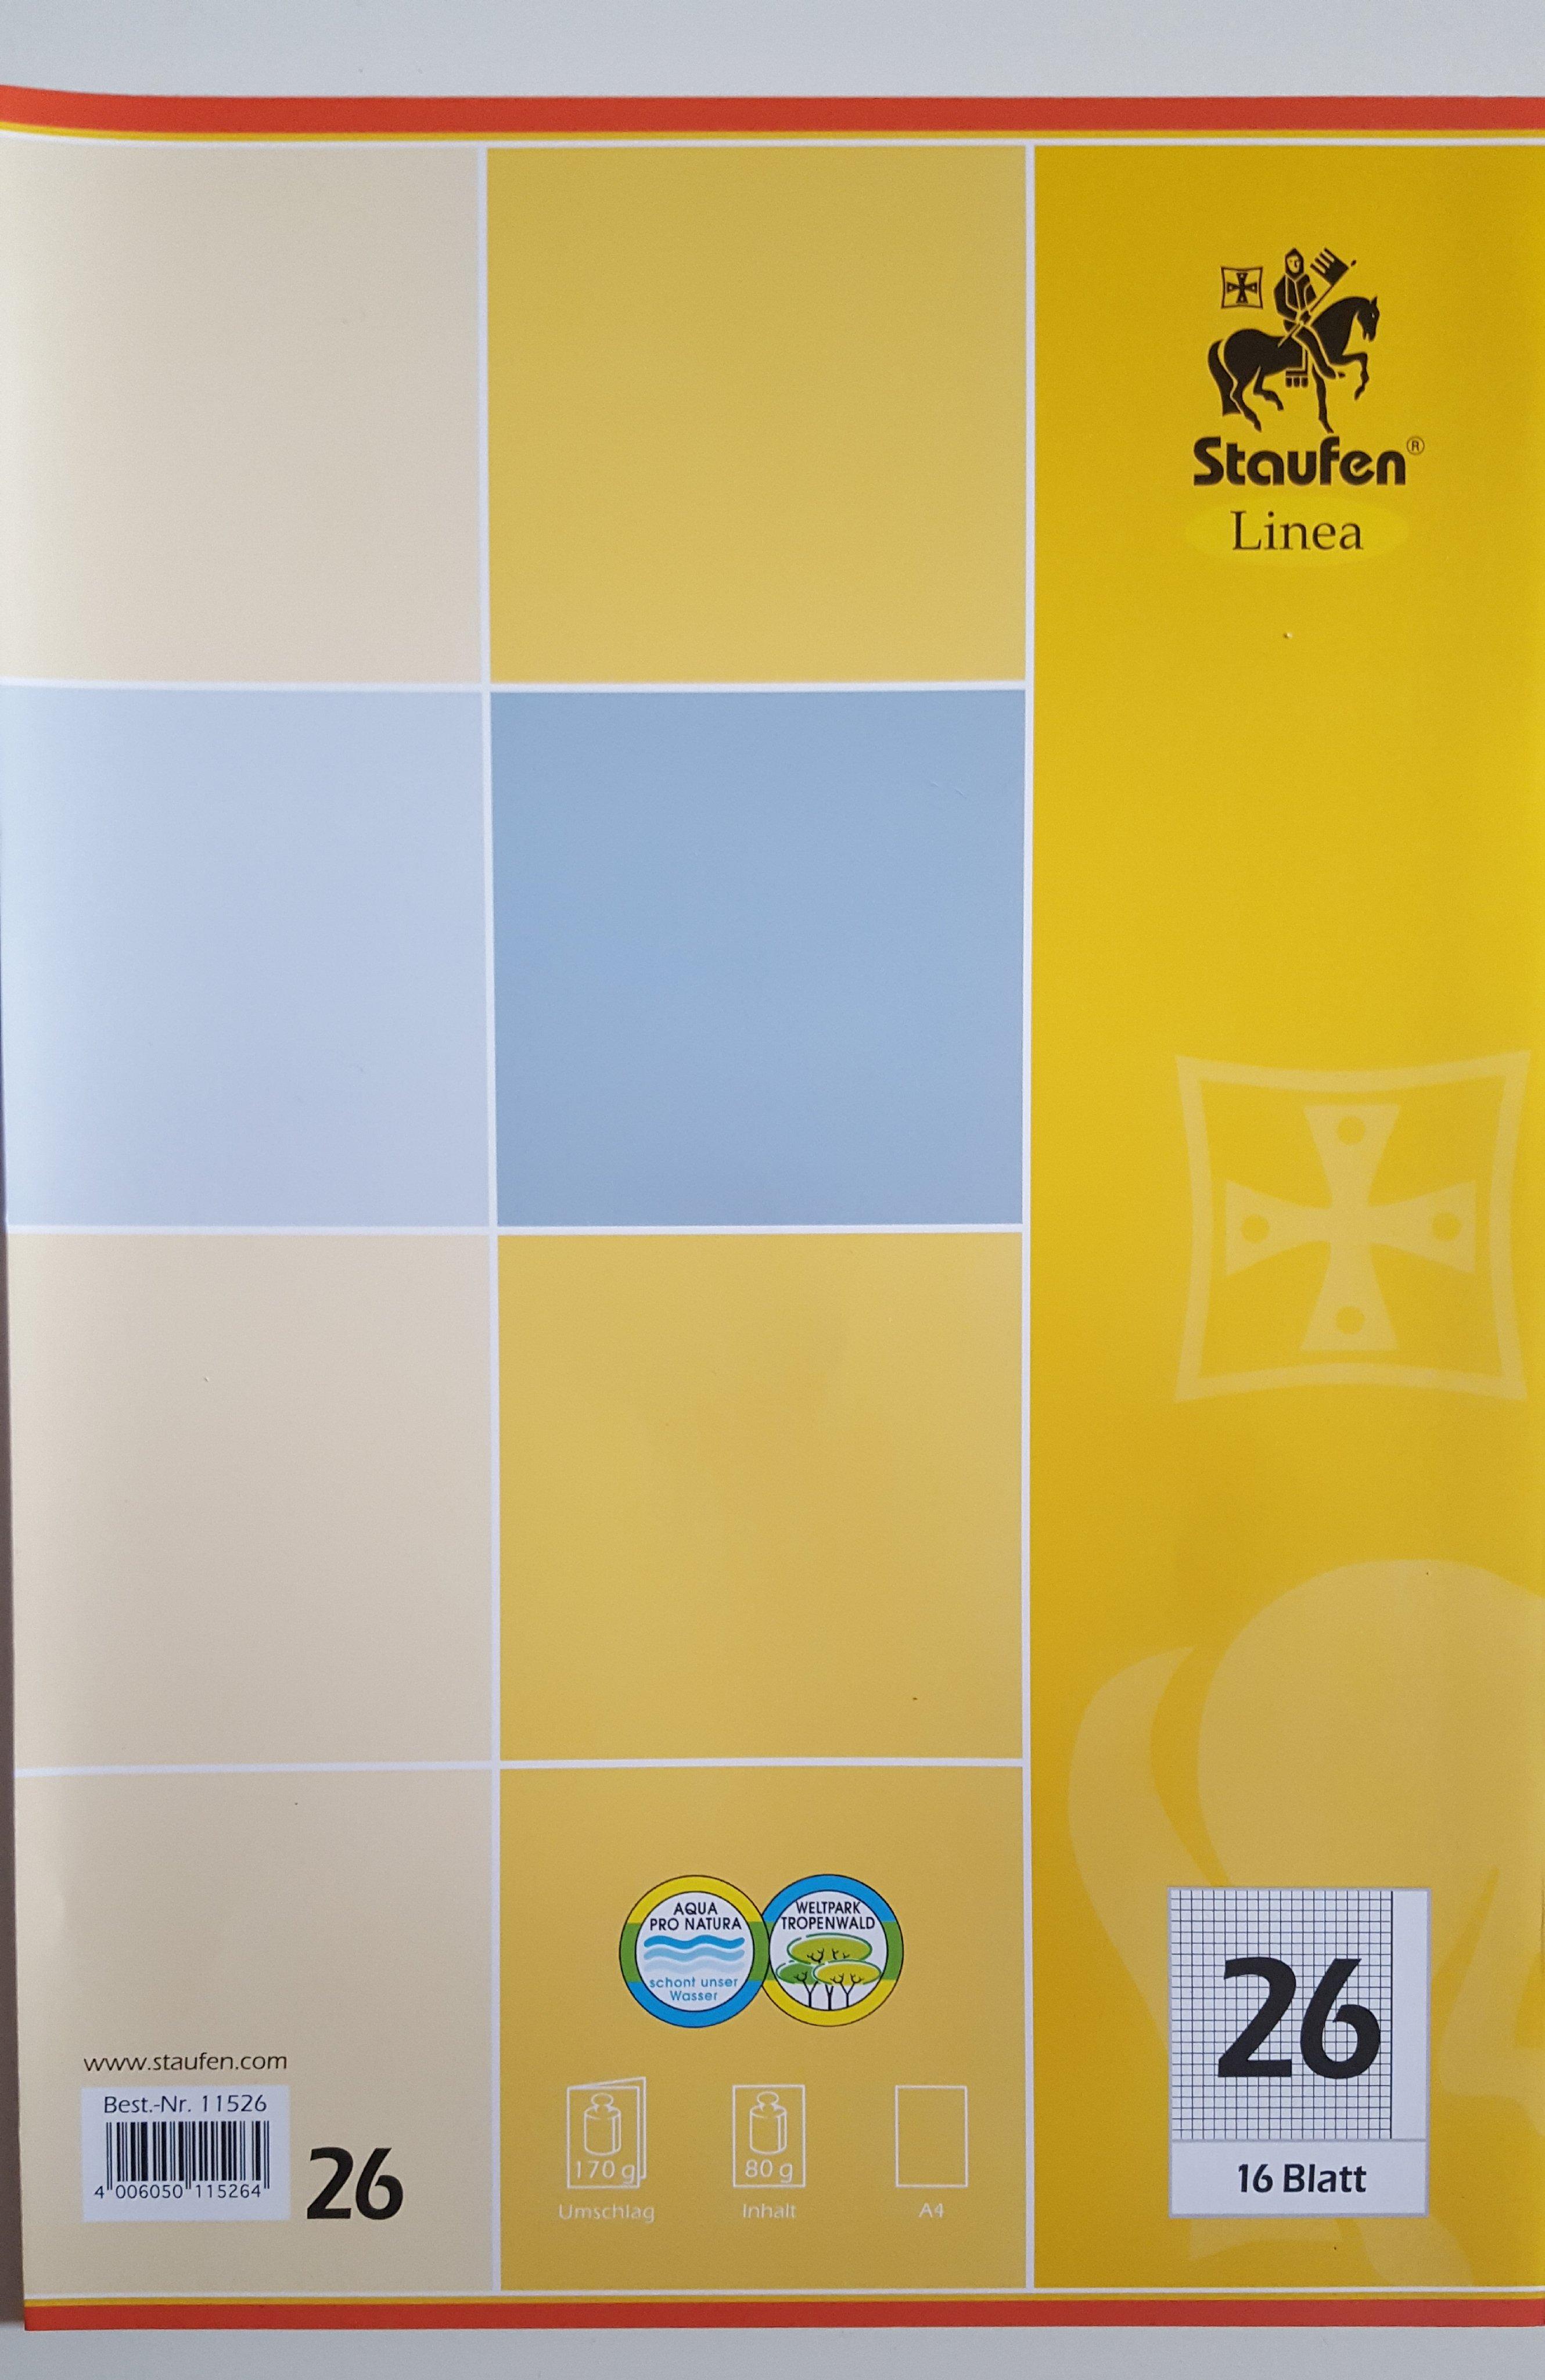 5er Set Schulheft Staufen Linea DIN A4 16 Blatt kariert Lineatur 26